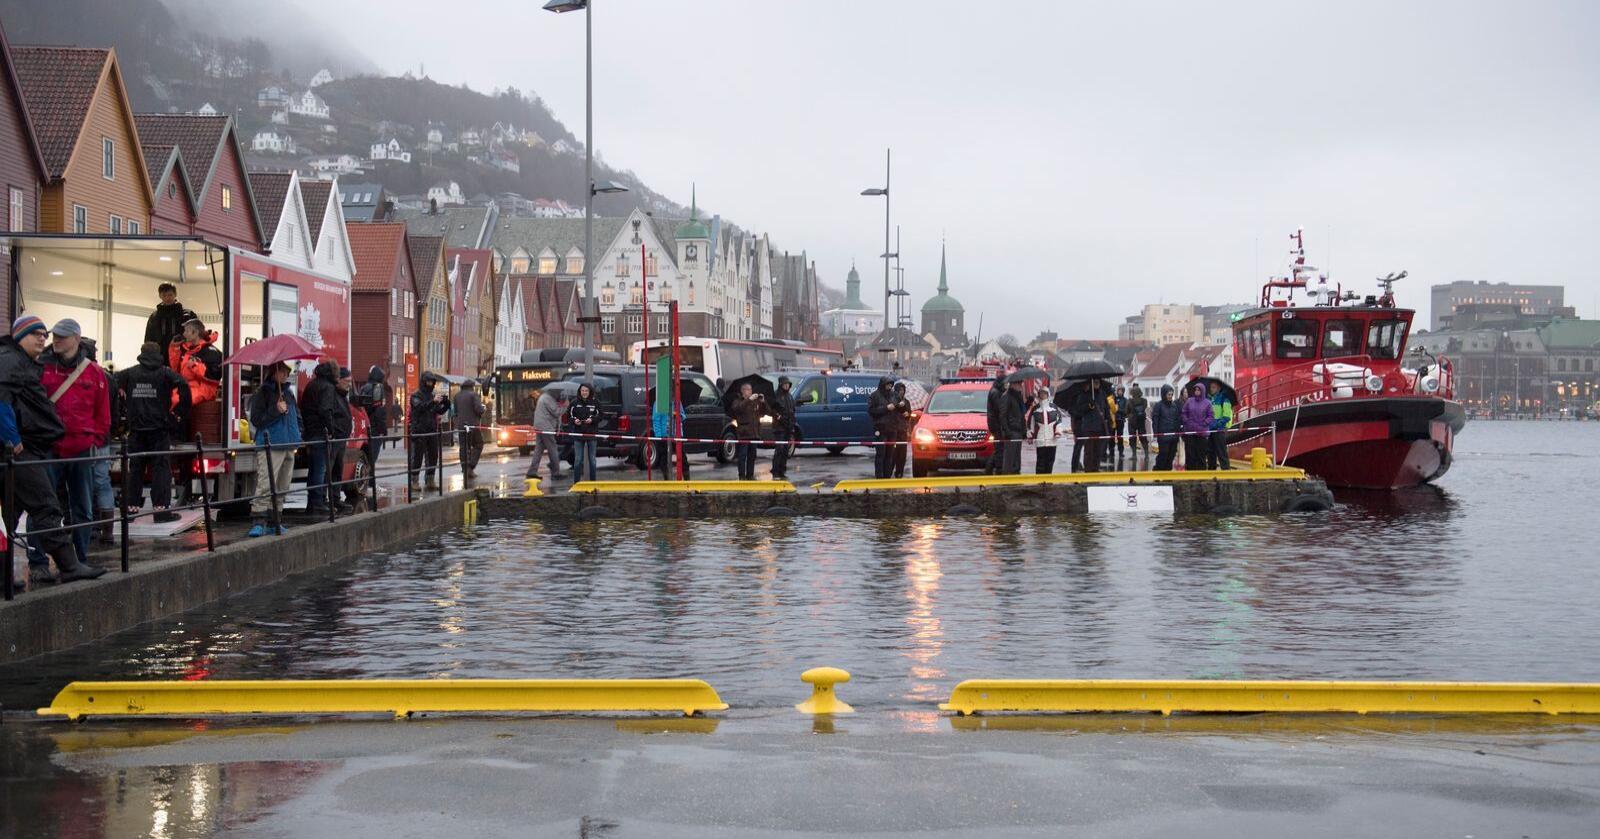 Høy vannstand de neste dagene kan føre til at Bryggen i Bergen blir oversvømt. Dette bildet er tatt under en stormflo i 2017. Foto: Marit Hommedal / NTB scanpix